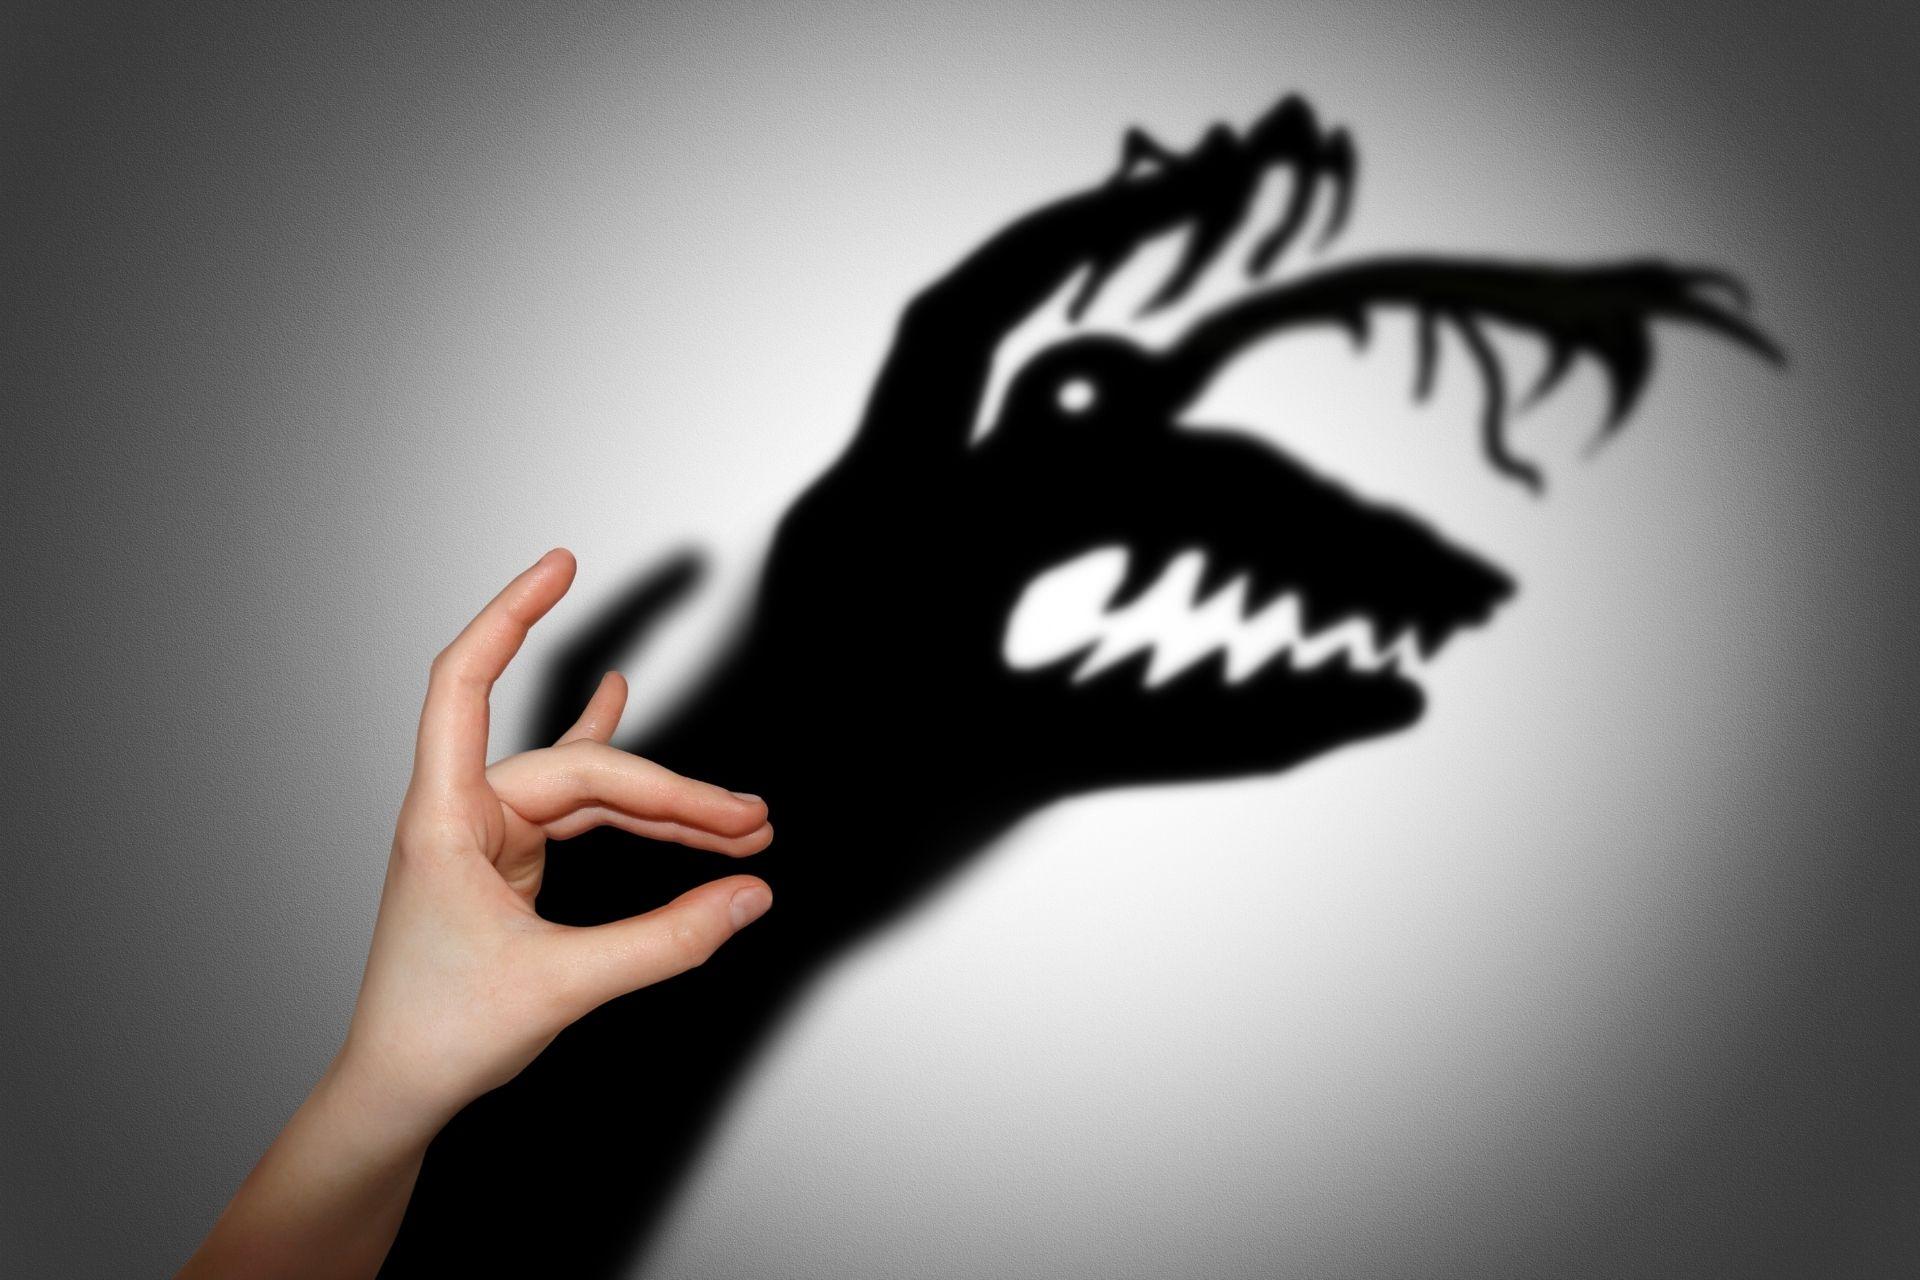 Ein Ausmist-Monster, das keins ist